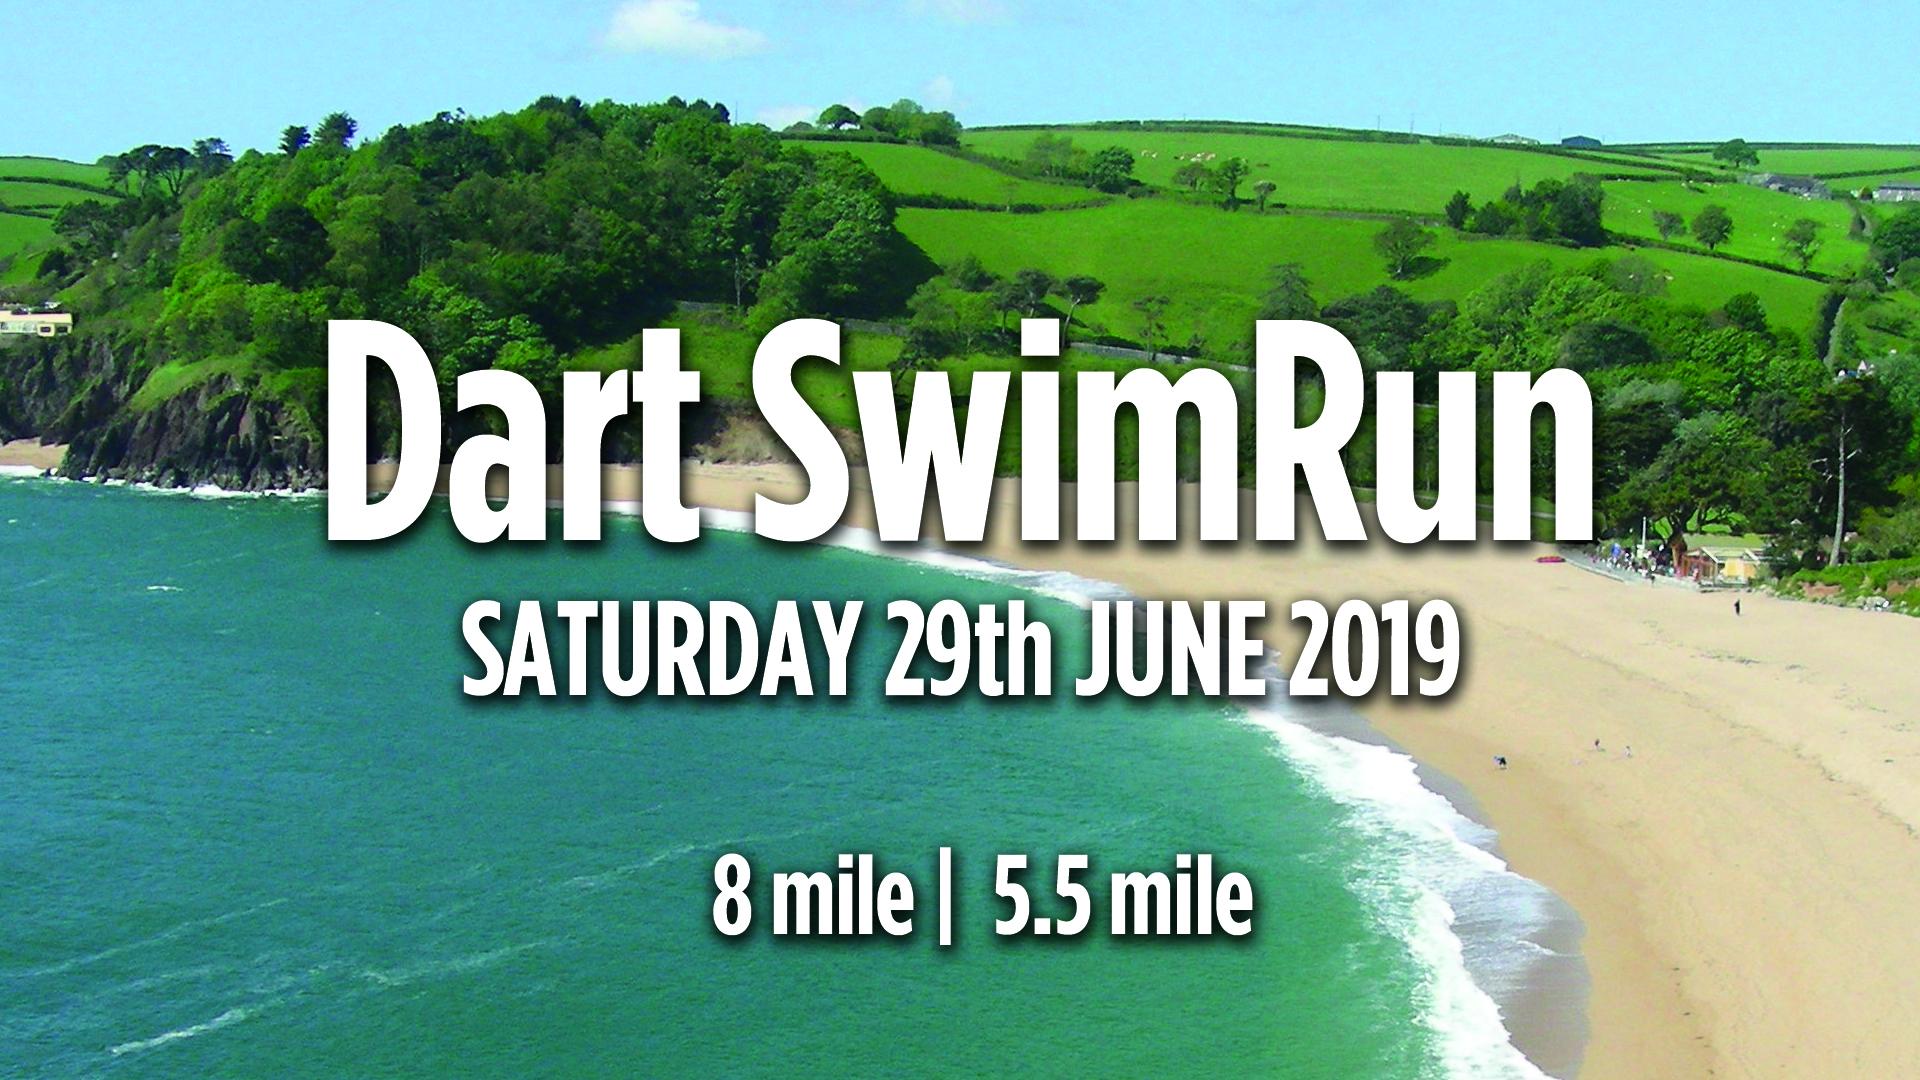 924dc120049e6 The Dart Swim Run 2019 | Swim Run | WildRunning.co.uk